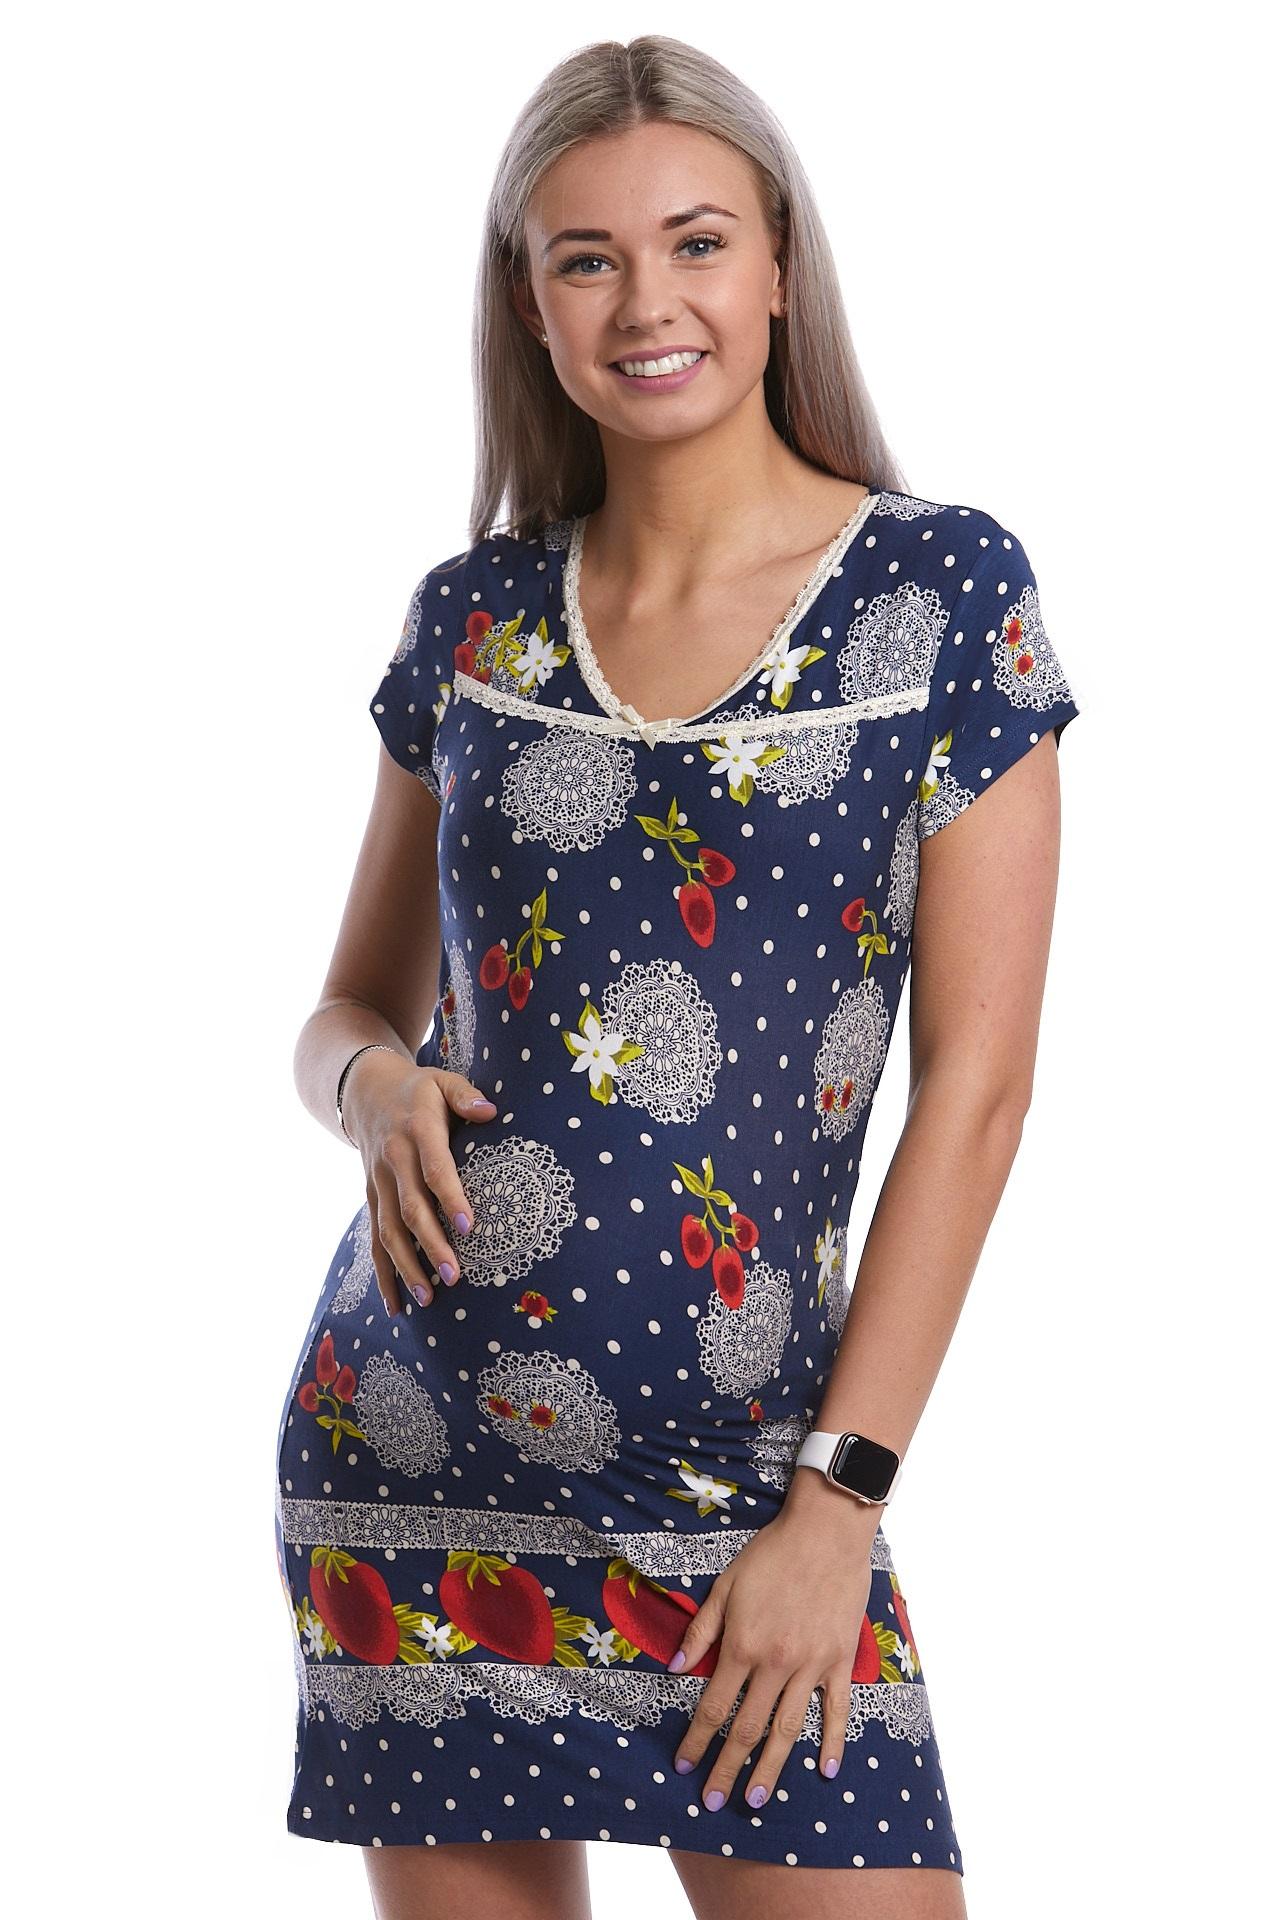 Těhotenská košilka jemná extra pružná 1D0944